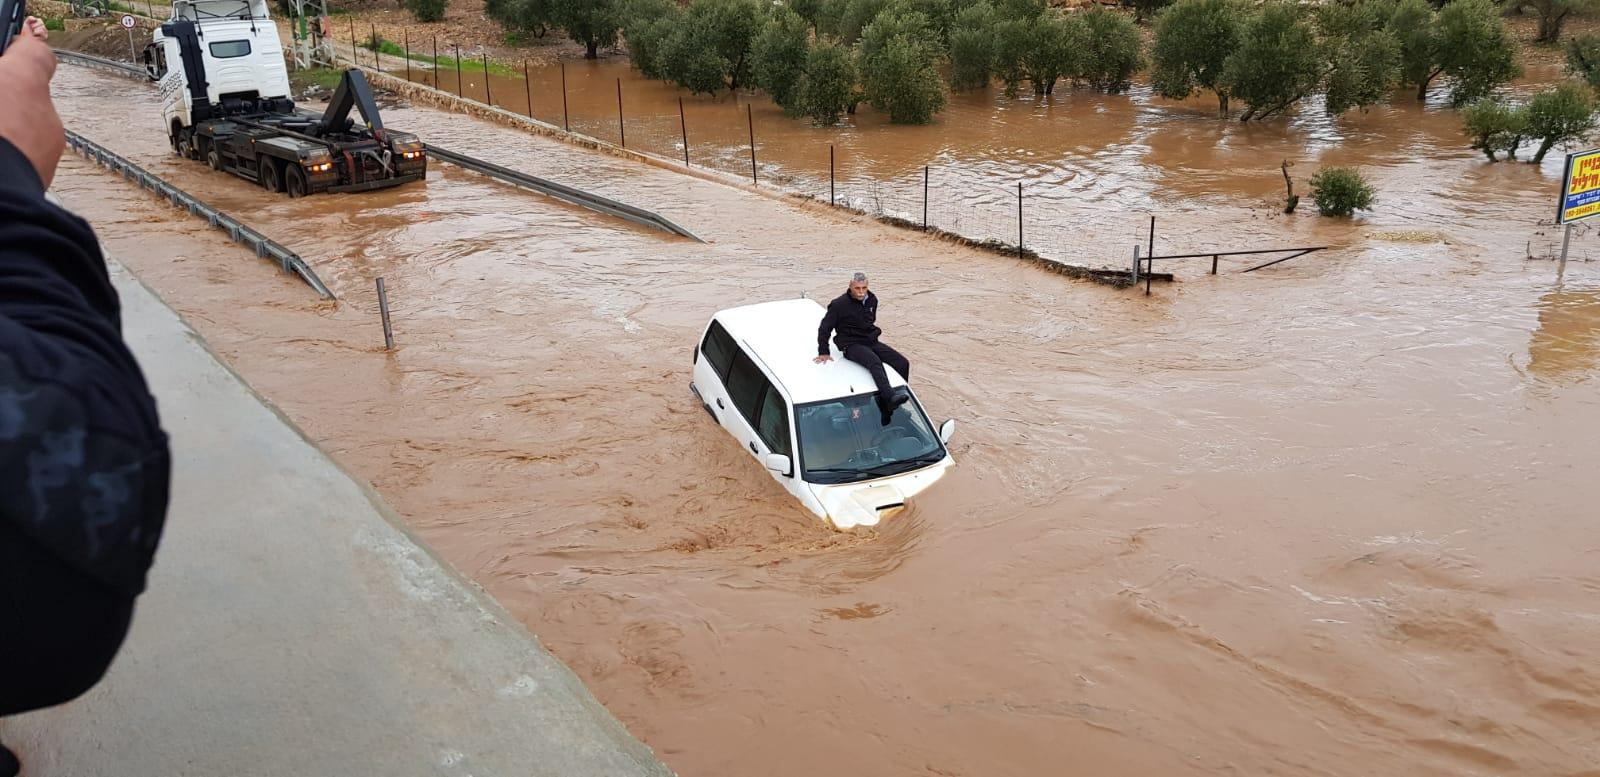 يوم عاصف: أمطار غزيرة وفيضانات وإنقاذ عالقين بالسيارات